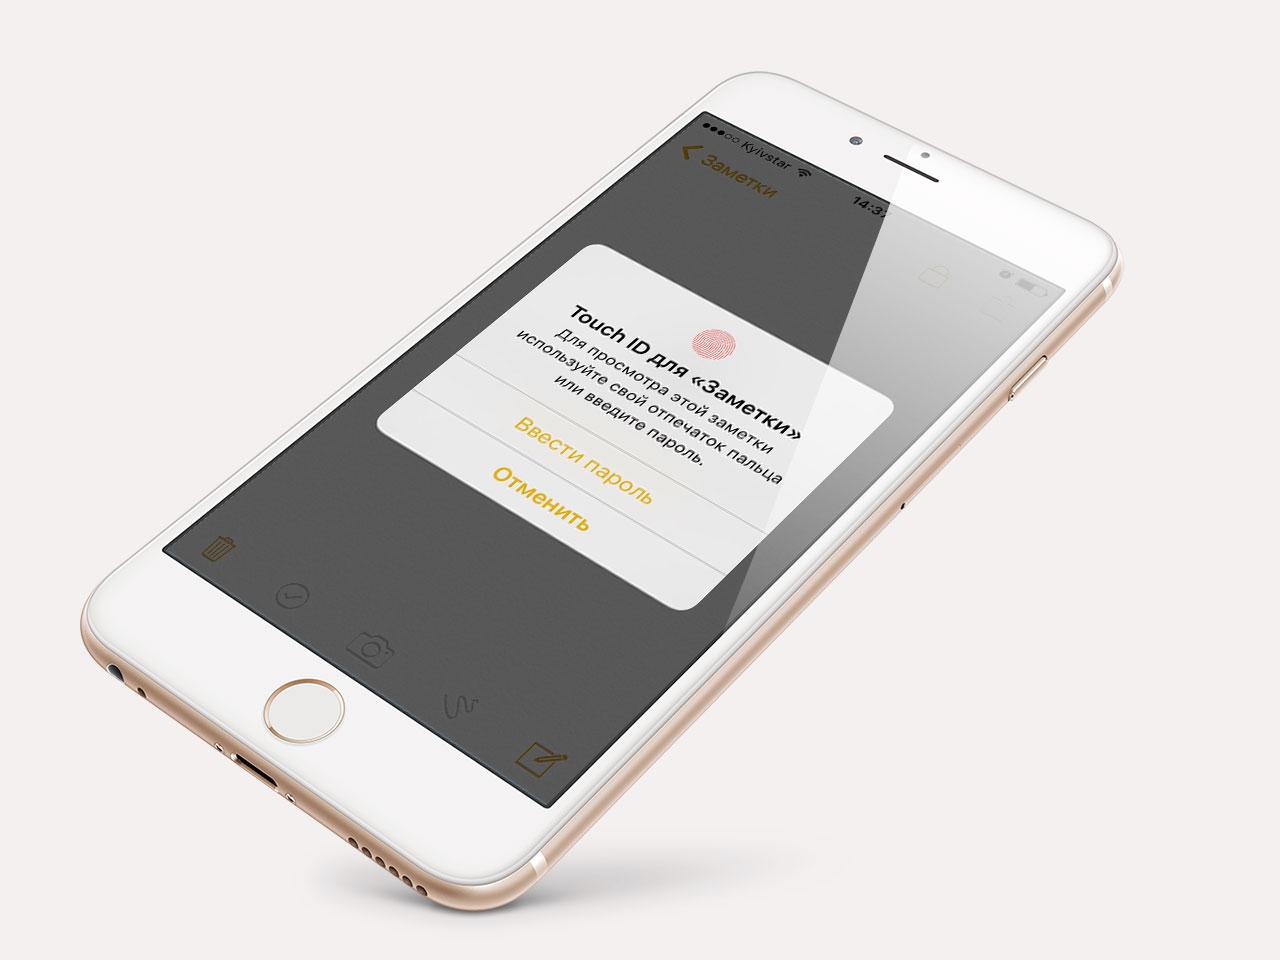 Как установить пароль на Заметки на iPhone, iPad и Mac, заблокировать и разблокировать заметку, снять блокировку и сбросить пароль